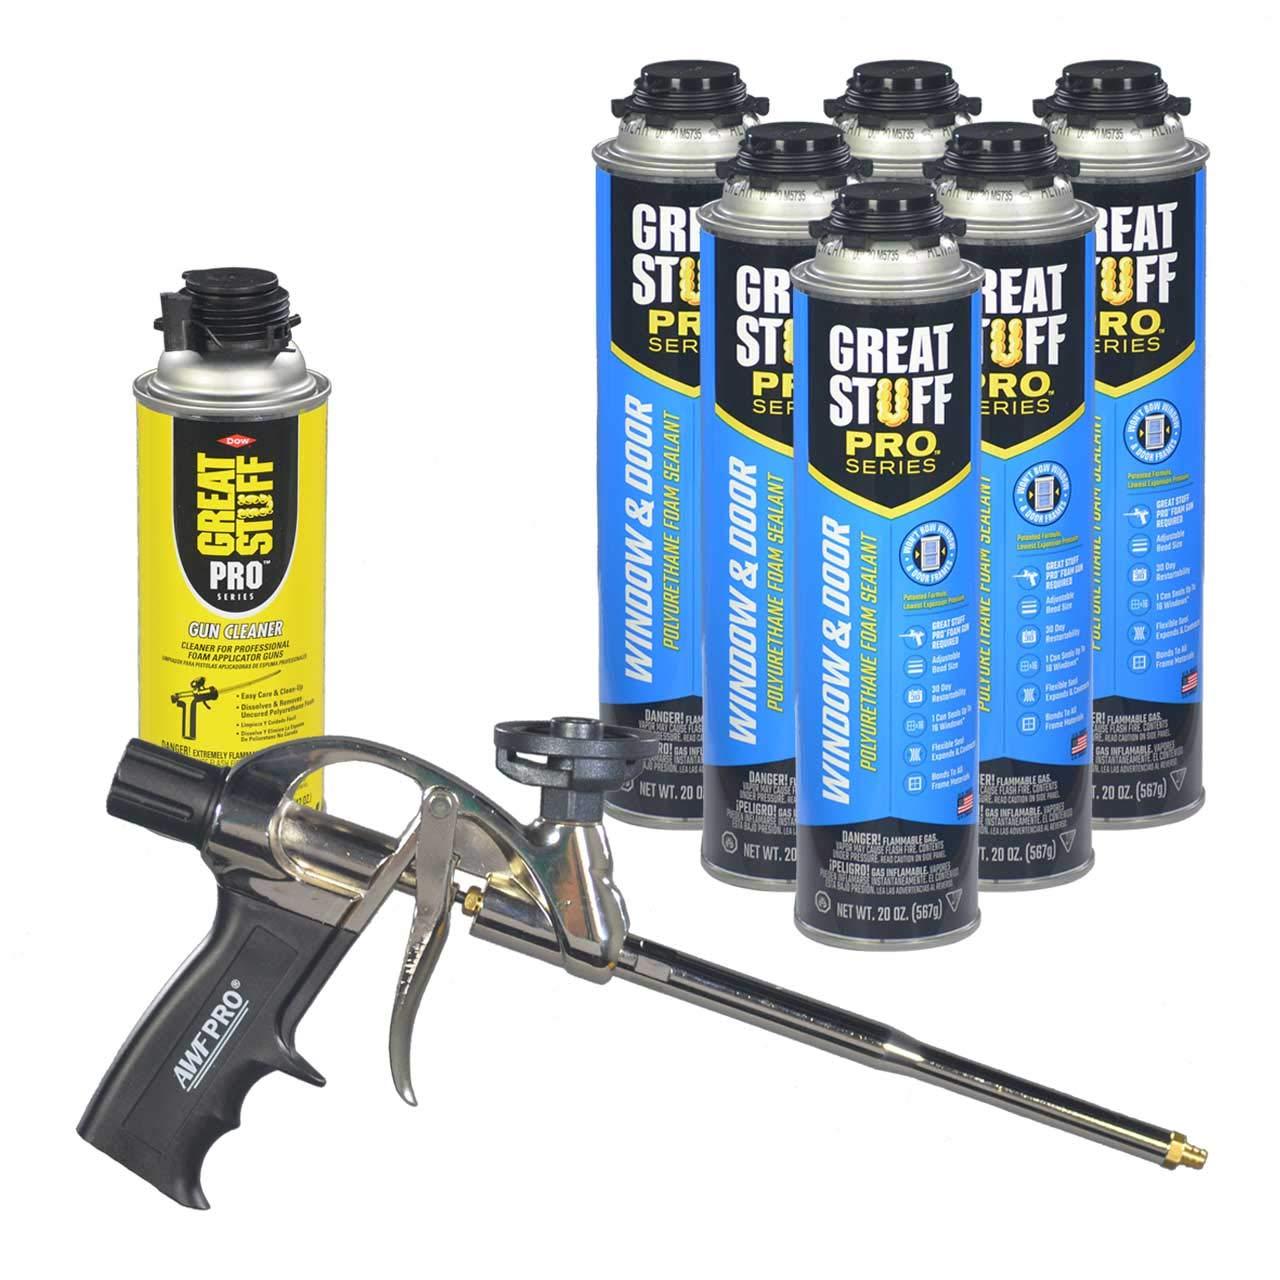 Dow Great Stuff PRO Window and Door 20 oz cans (6) + AWF Pro Foam Gun (1) + Dow Foam Cleaner (1) by Dow